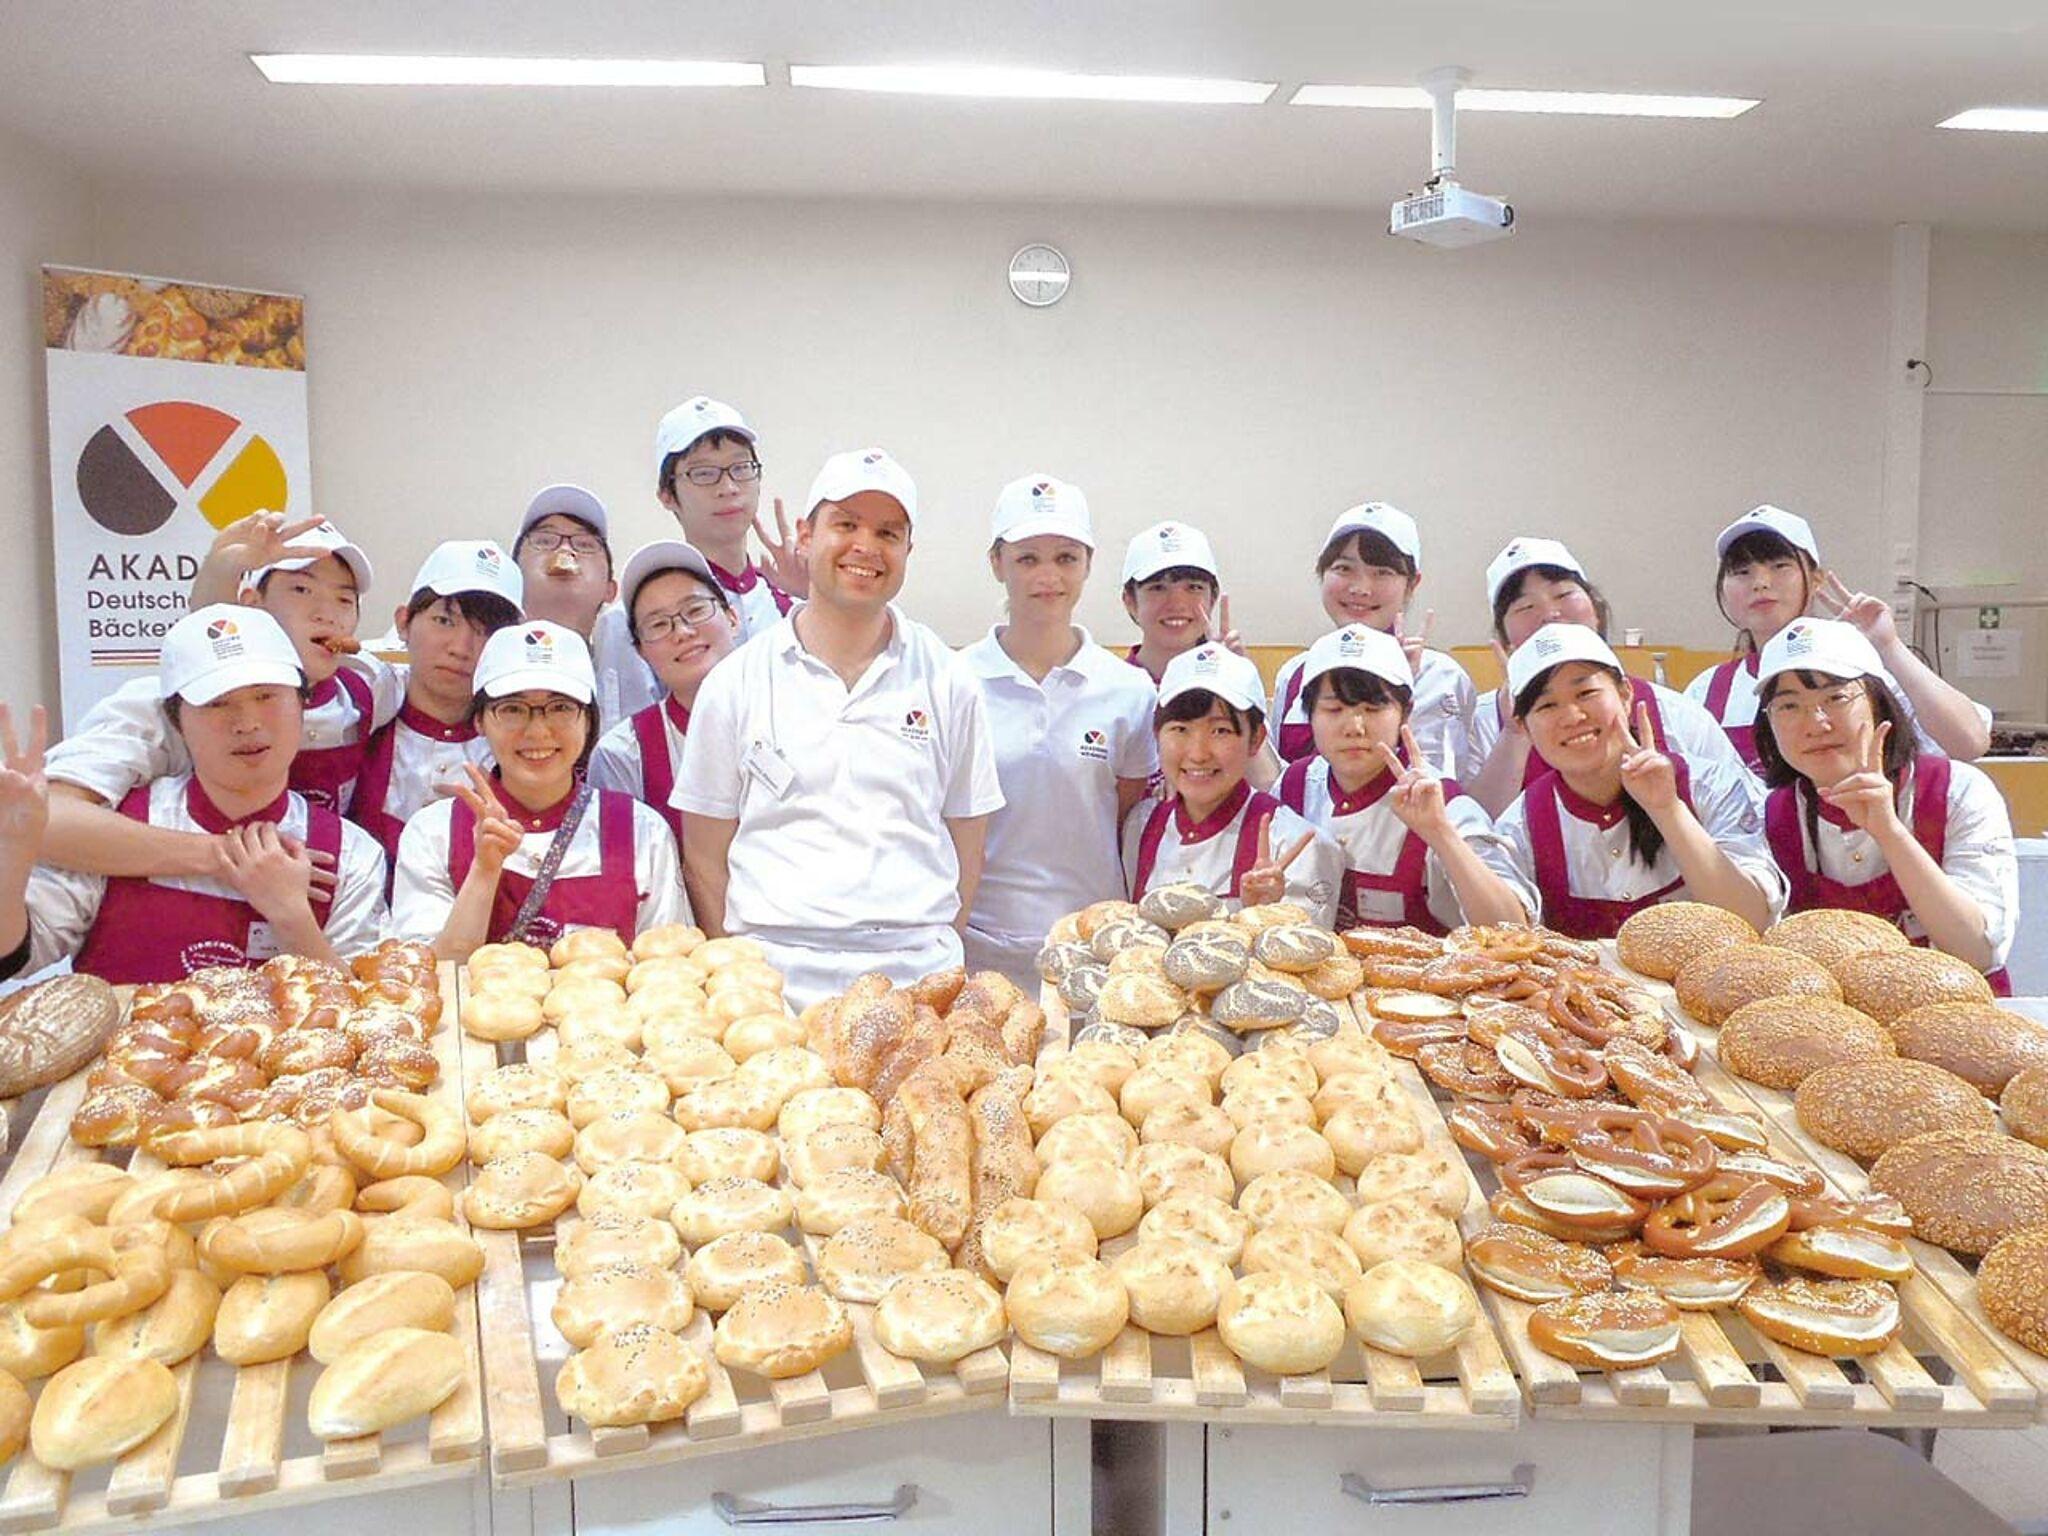 ドイツでの海外研修でパンを前に集合している画像